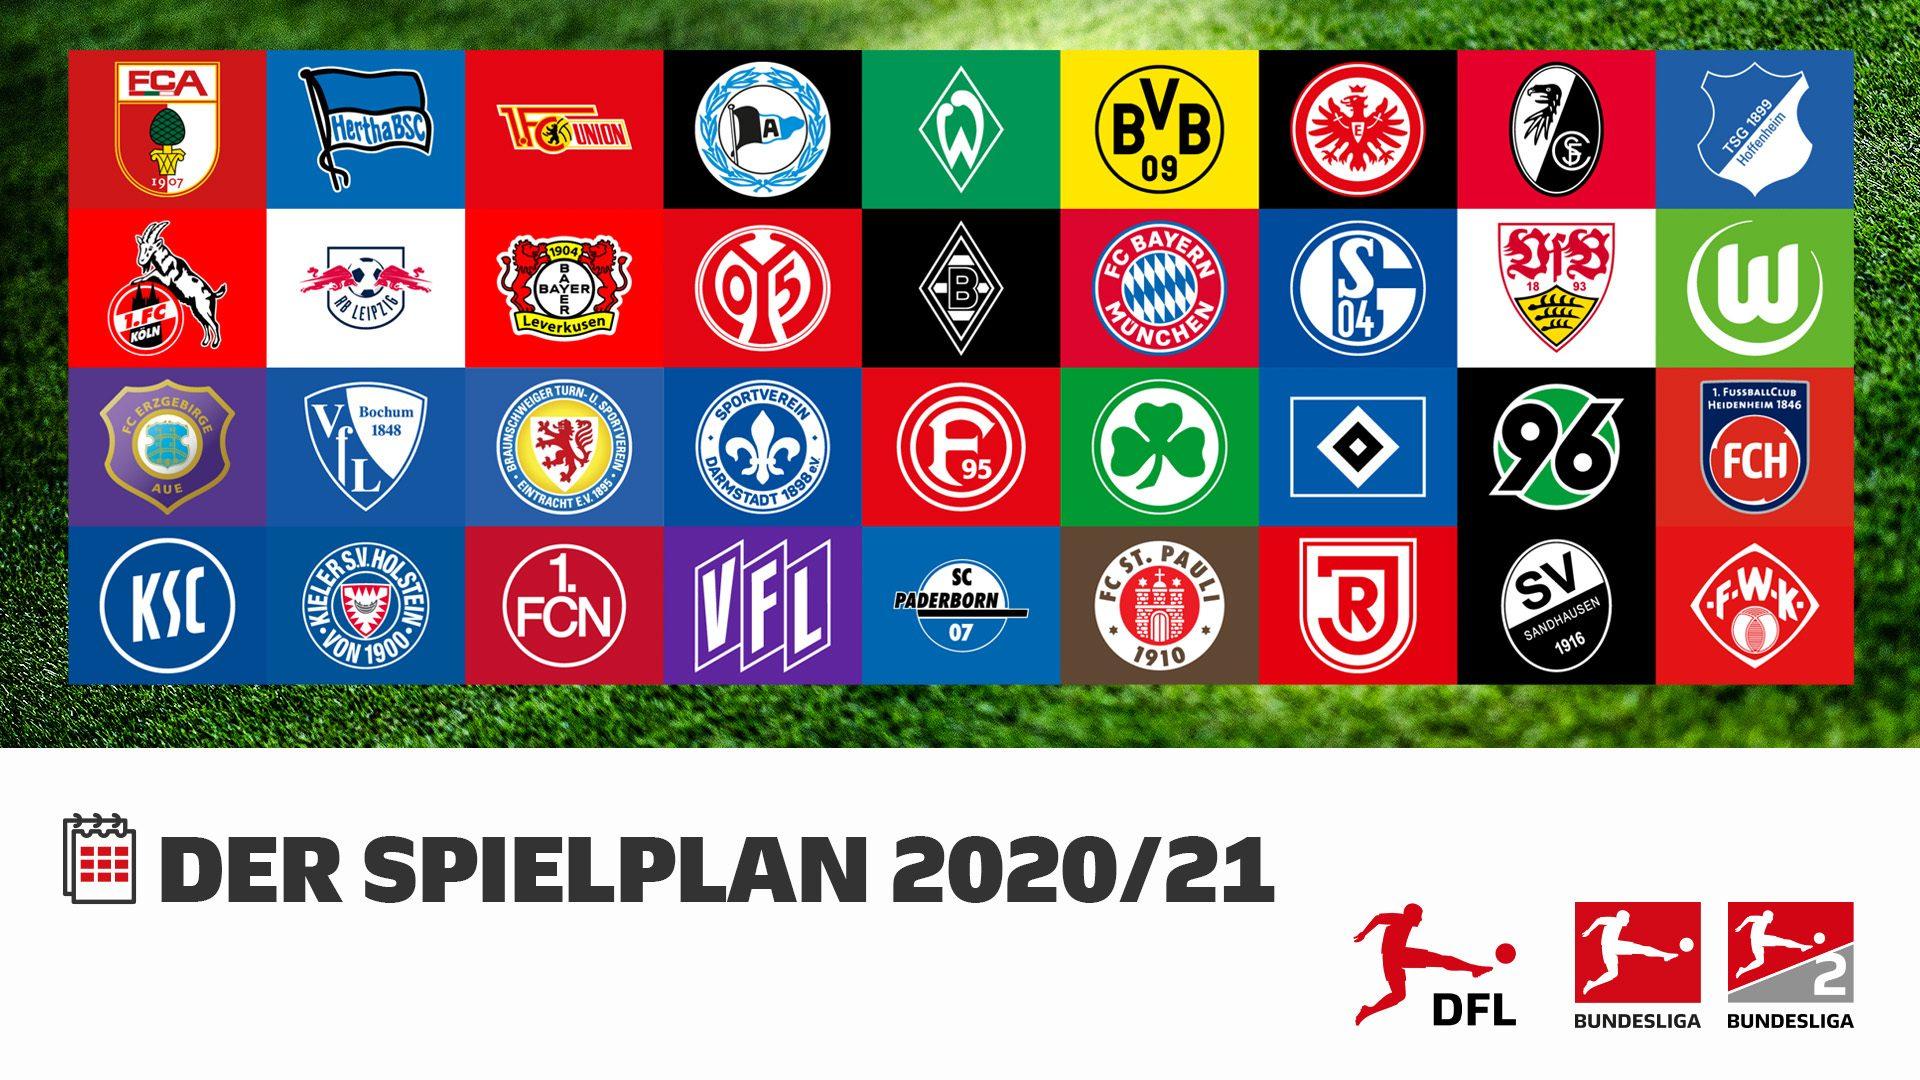 Saison 2020/21: DFL veröffentlicht die Spielpläne